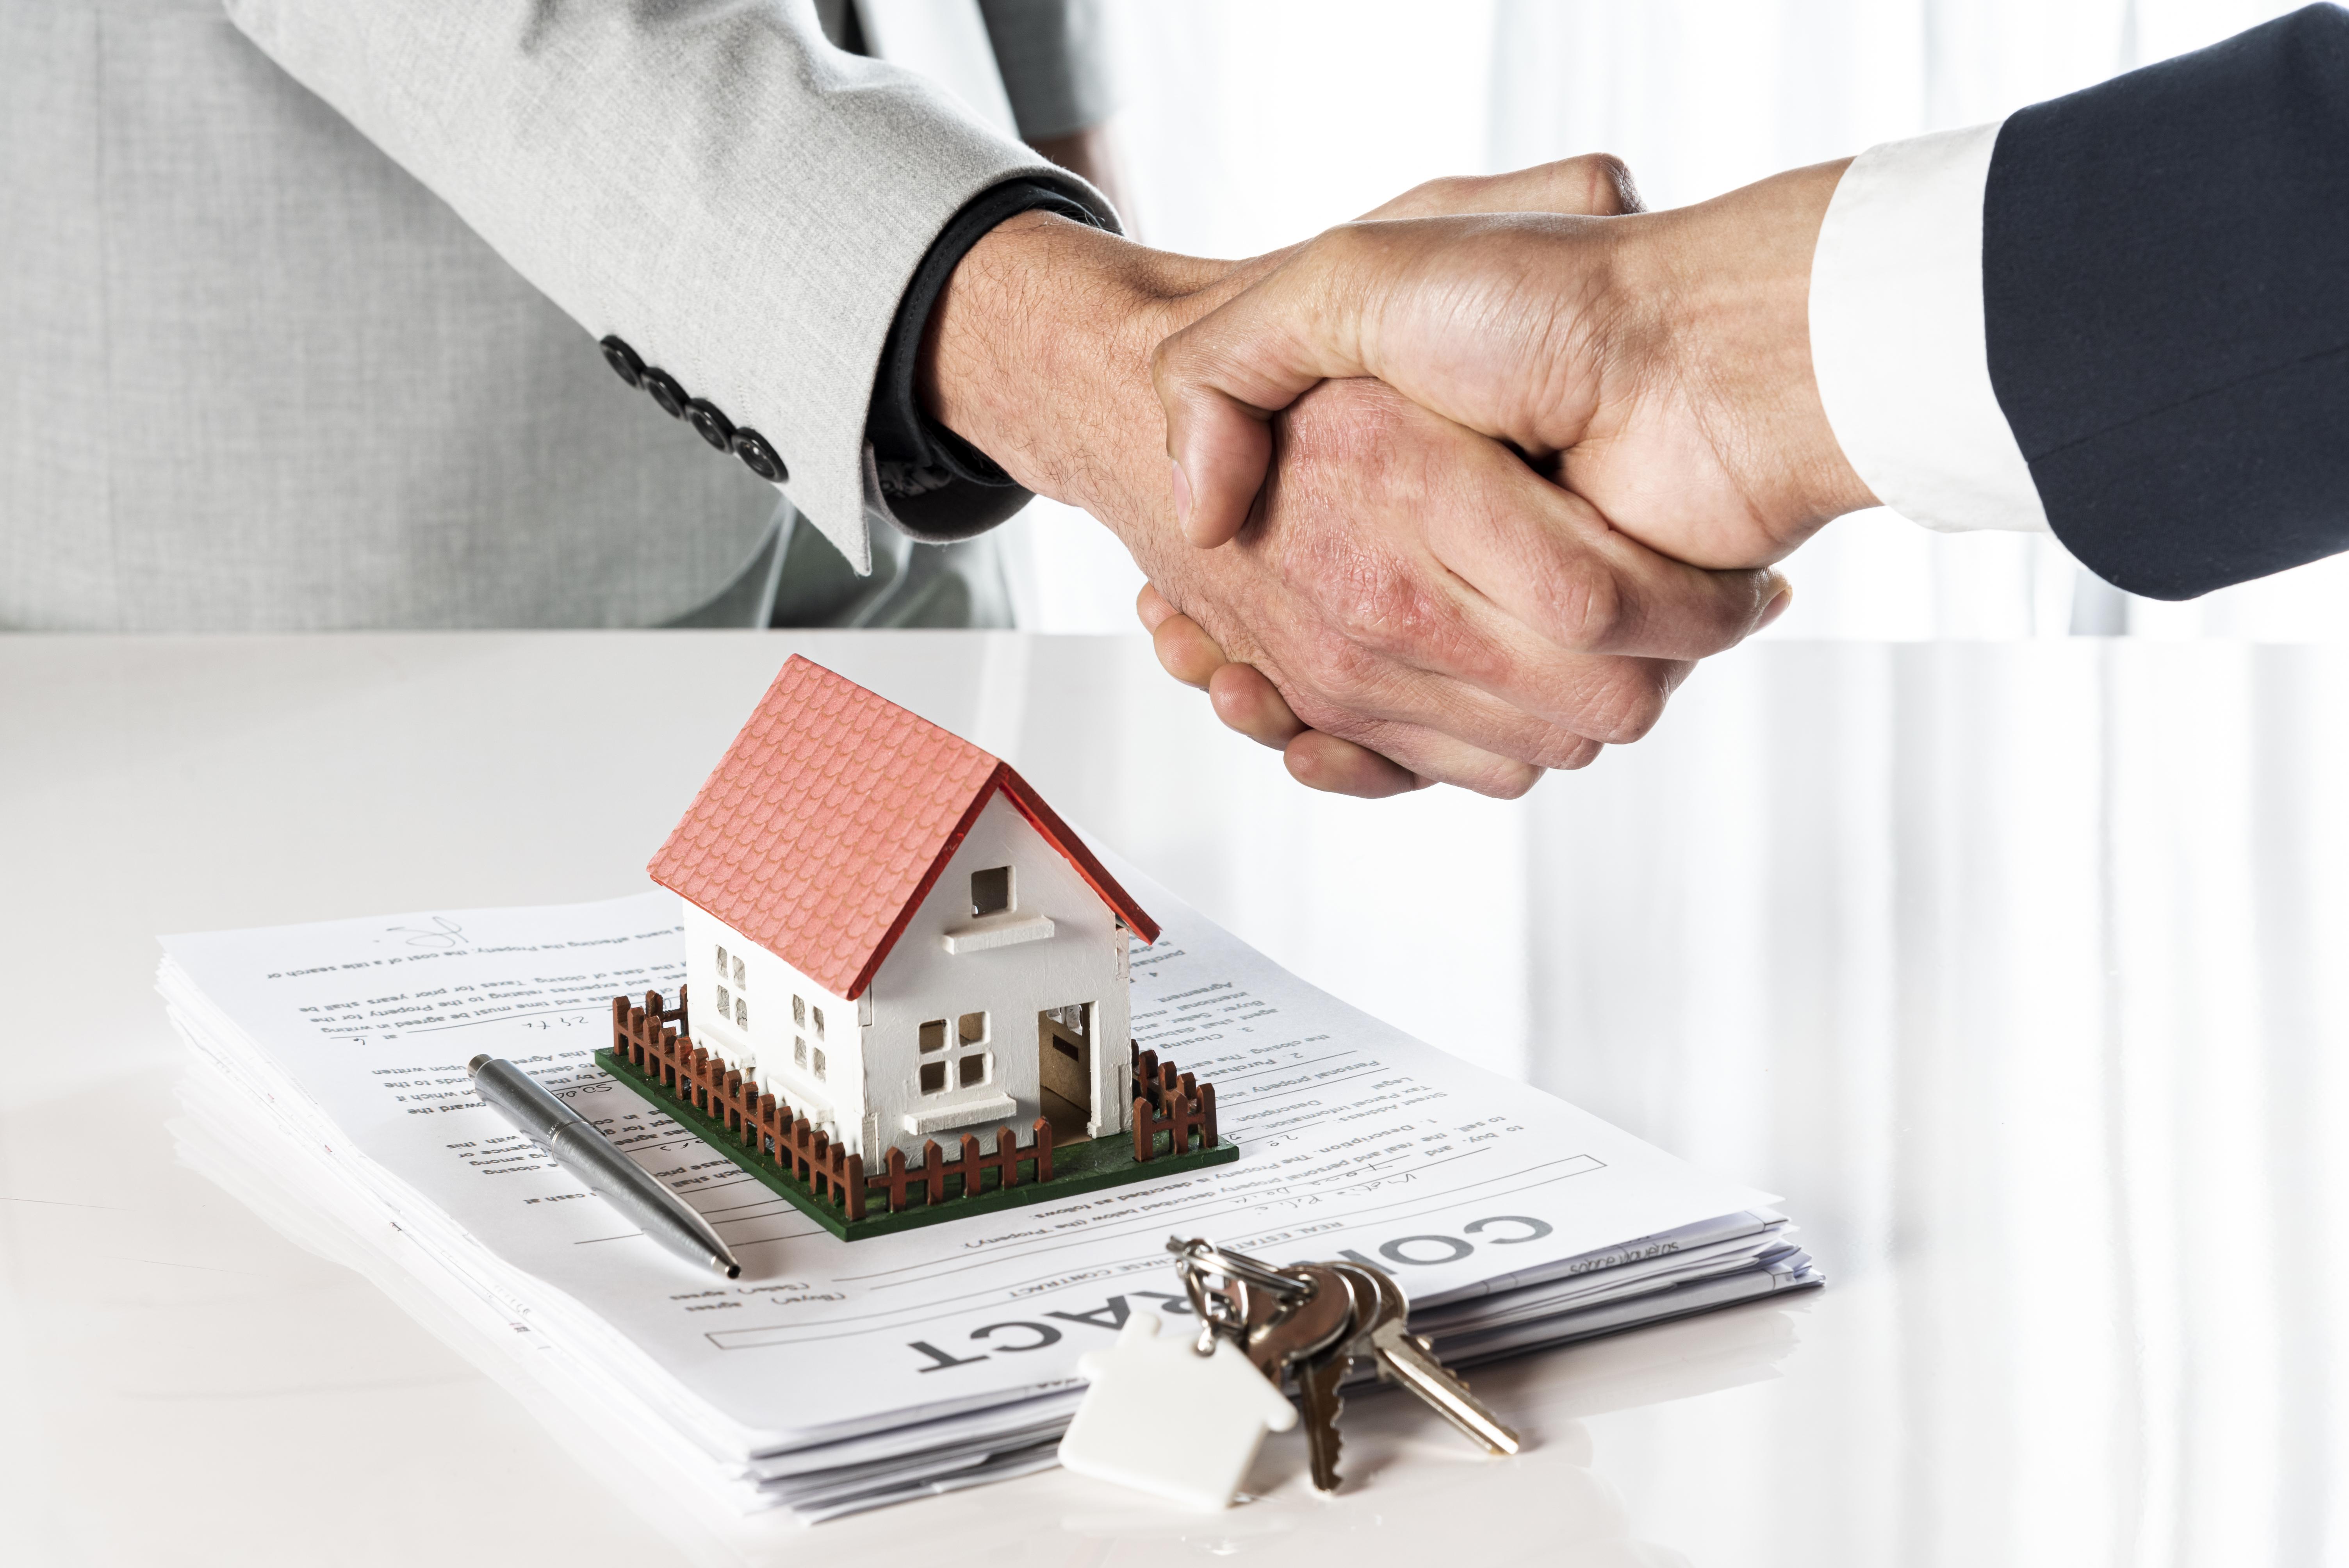 manfaat menggunakan agen properti